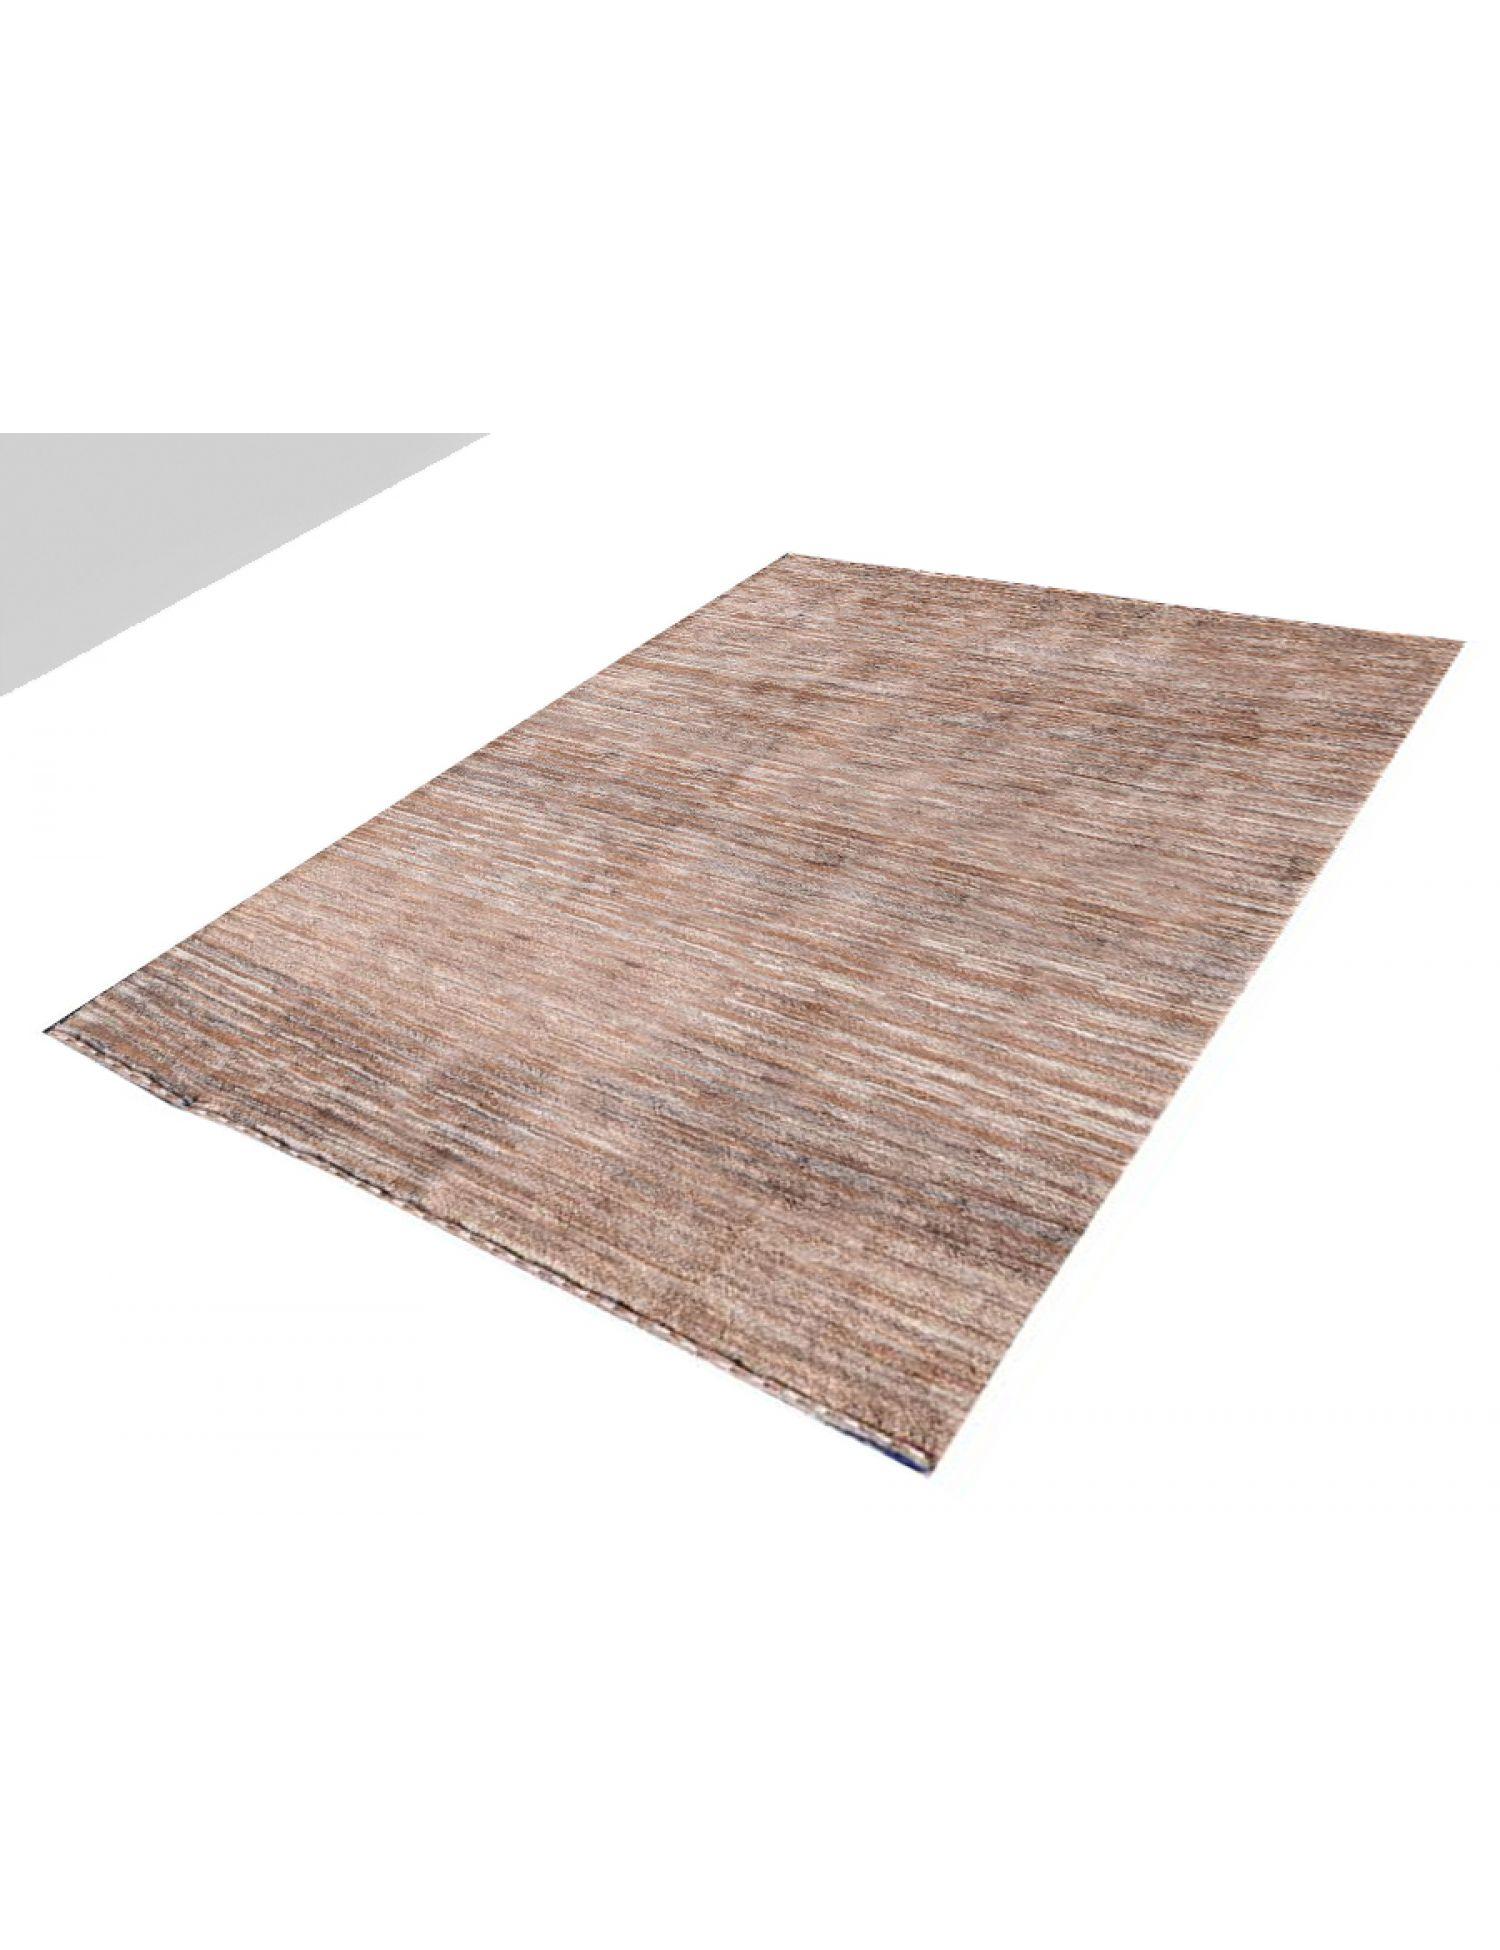 Moderne Teppiche   <br/>200 x 152 cm